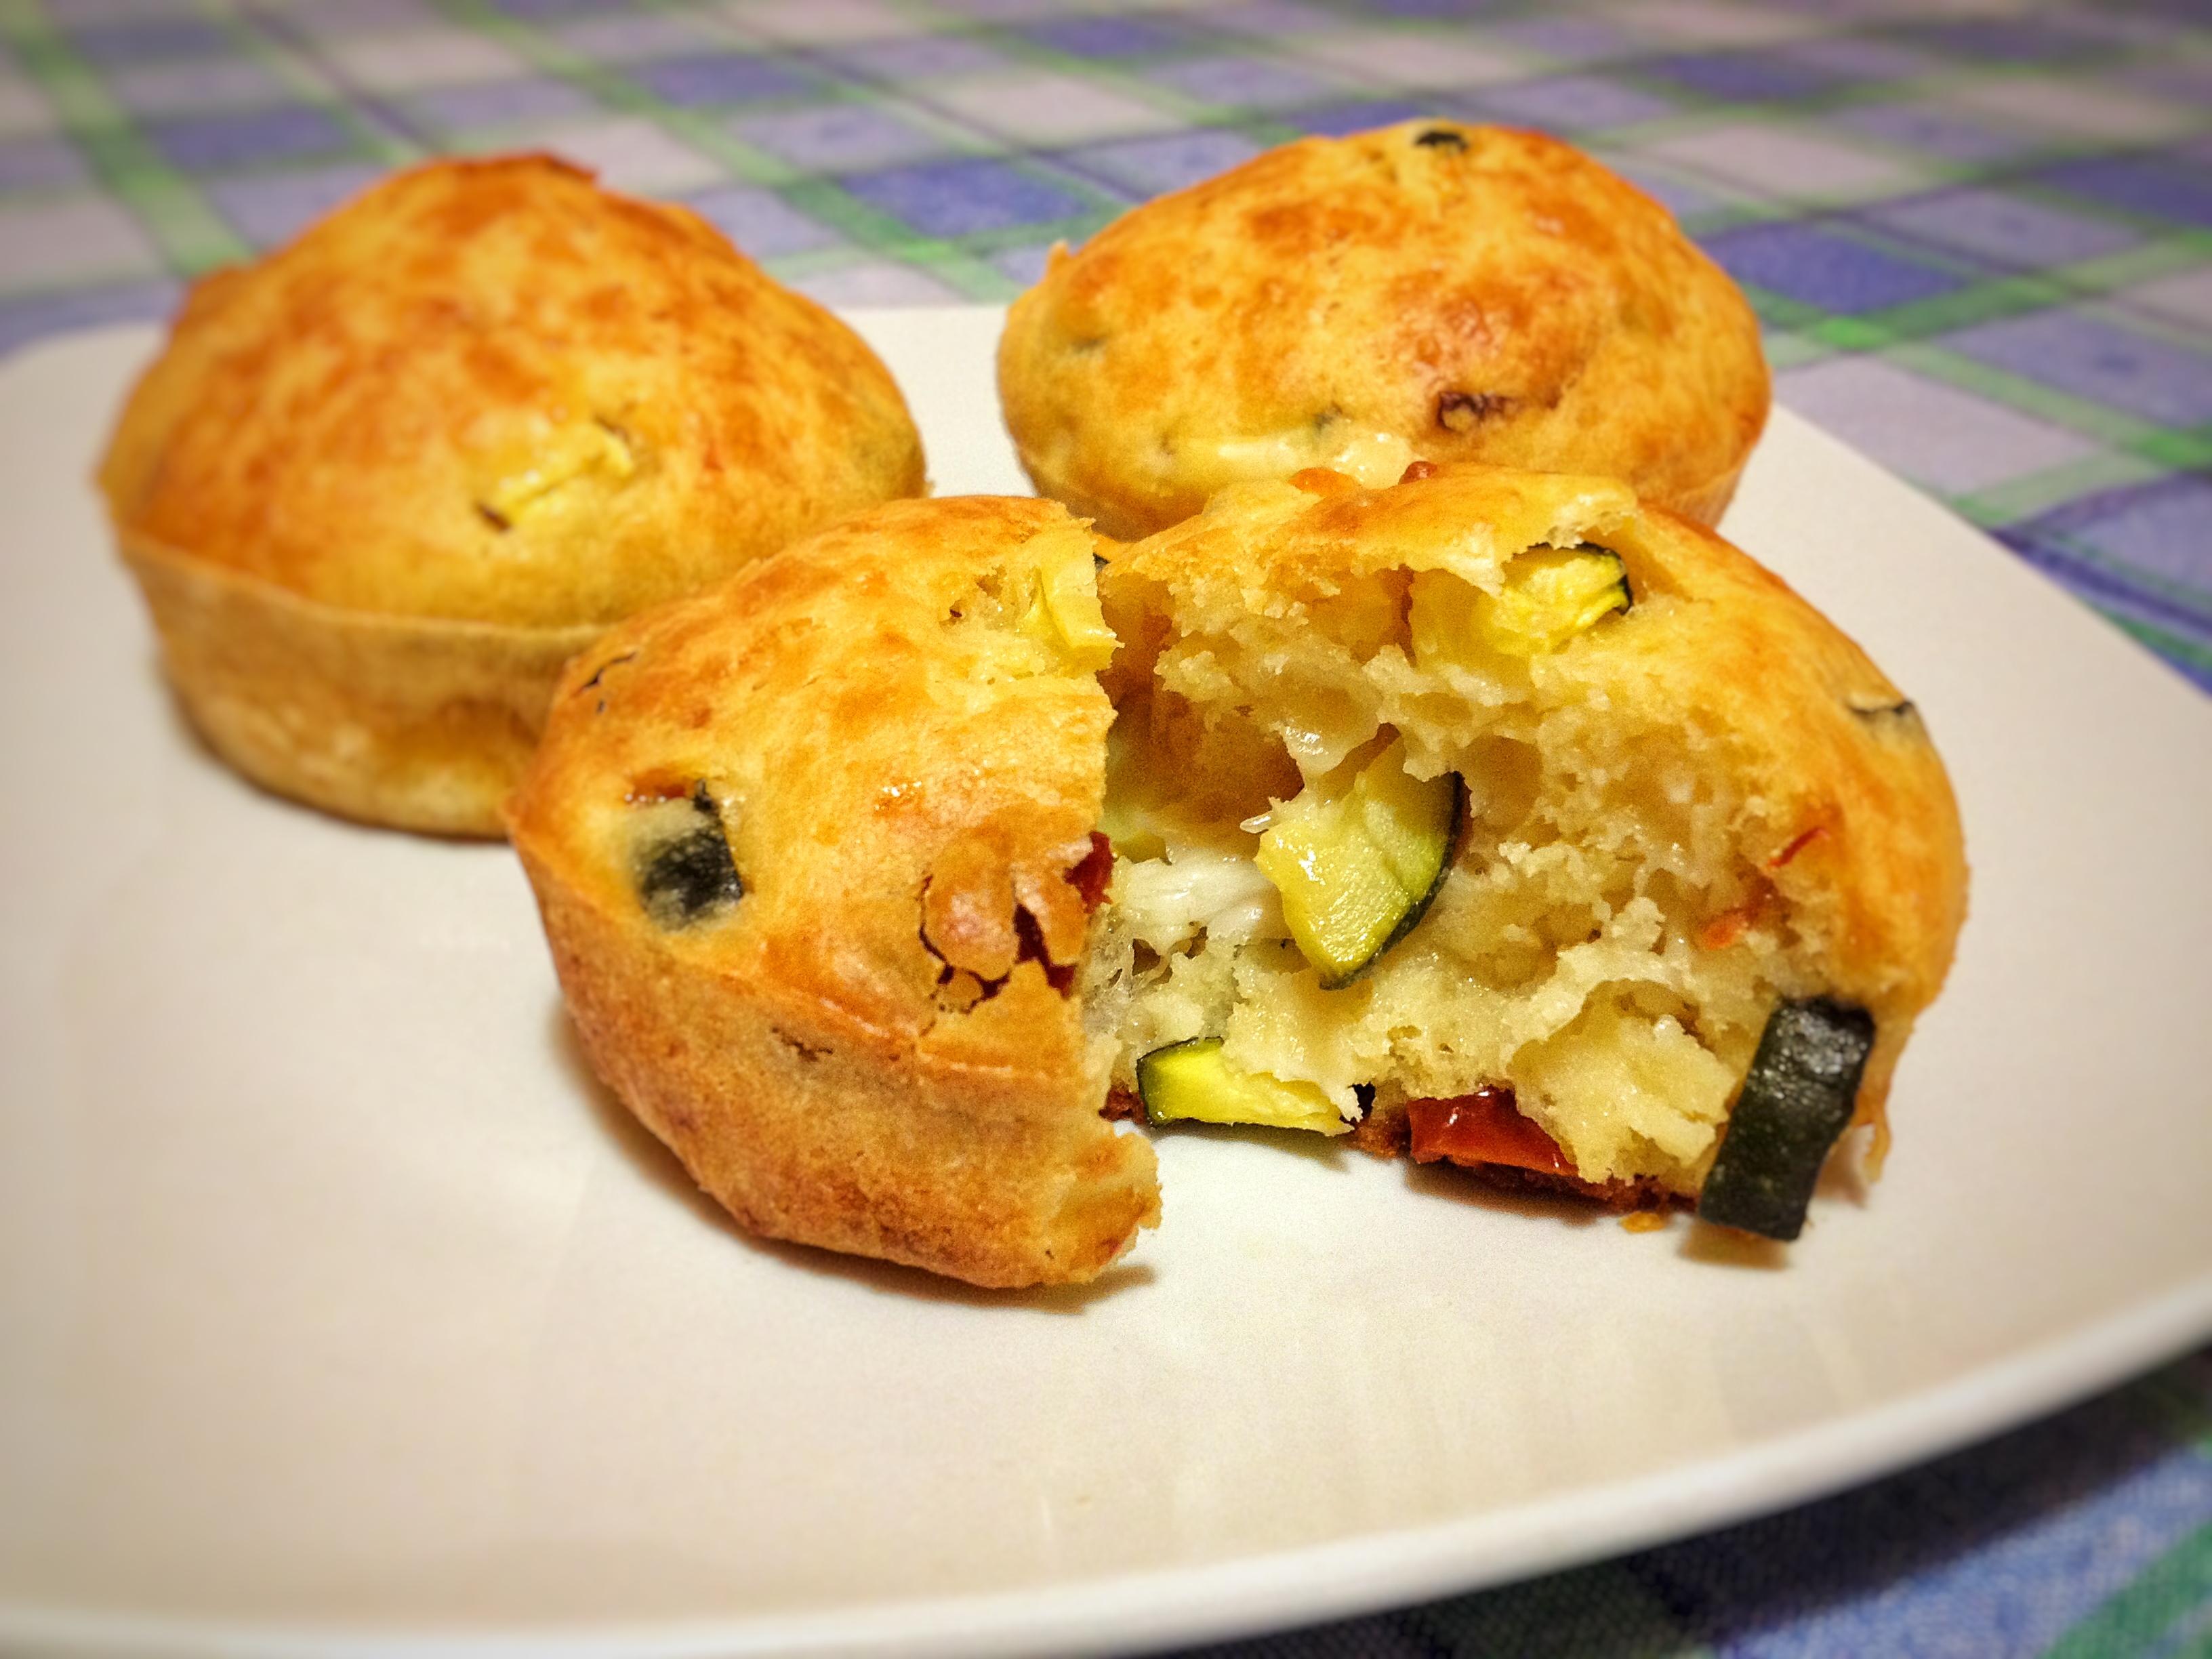 Muffin con zucchine e pomodori secchi